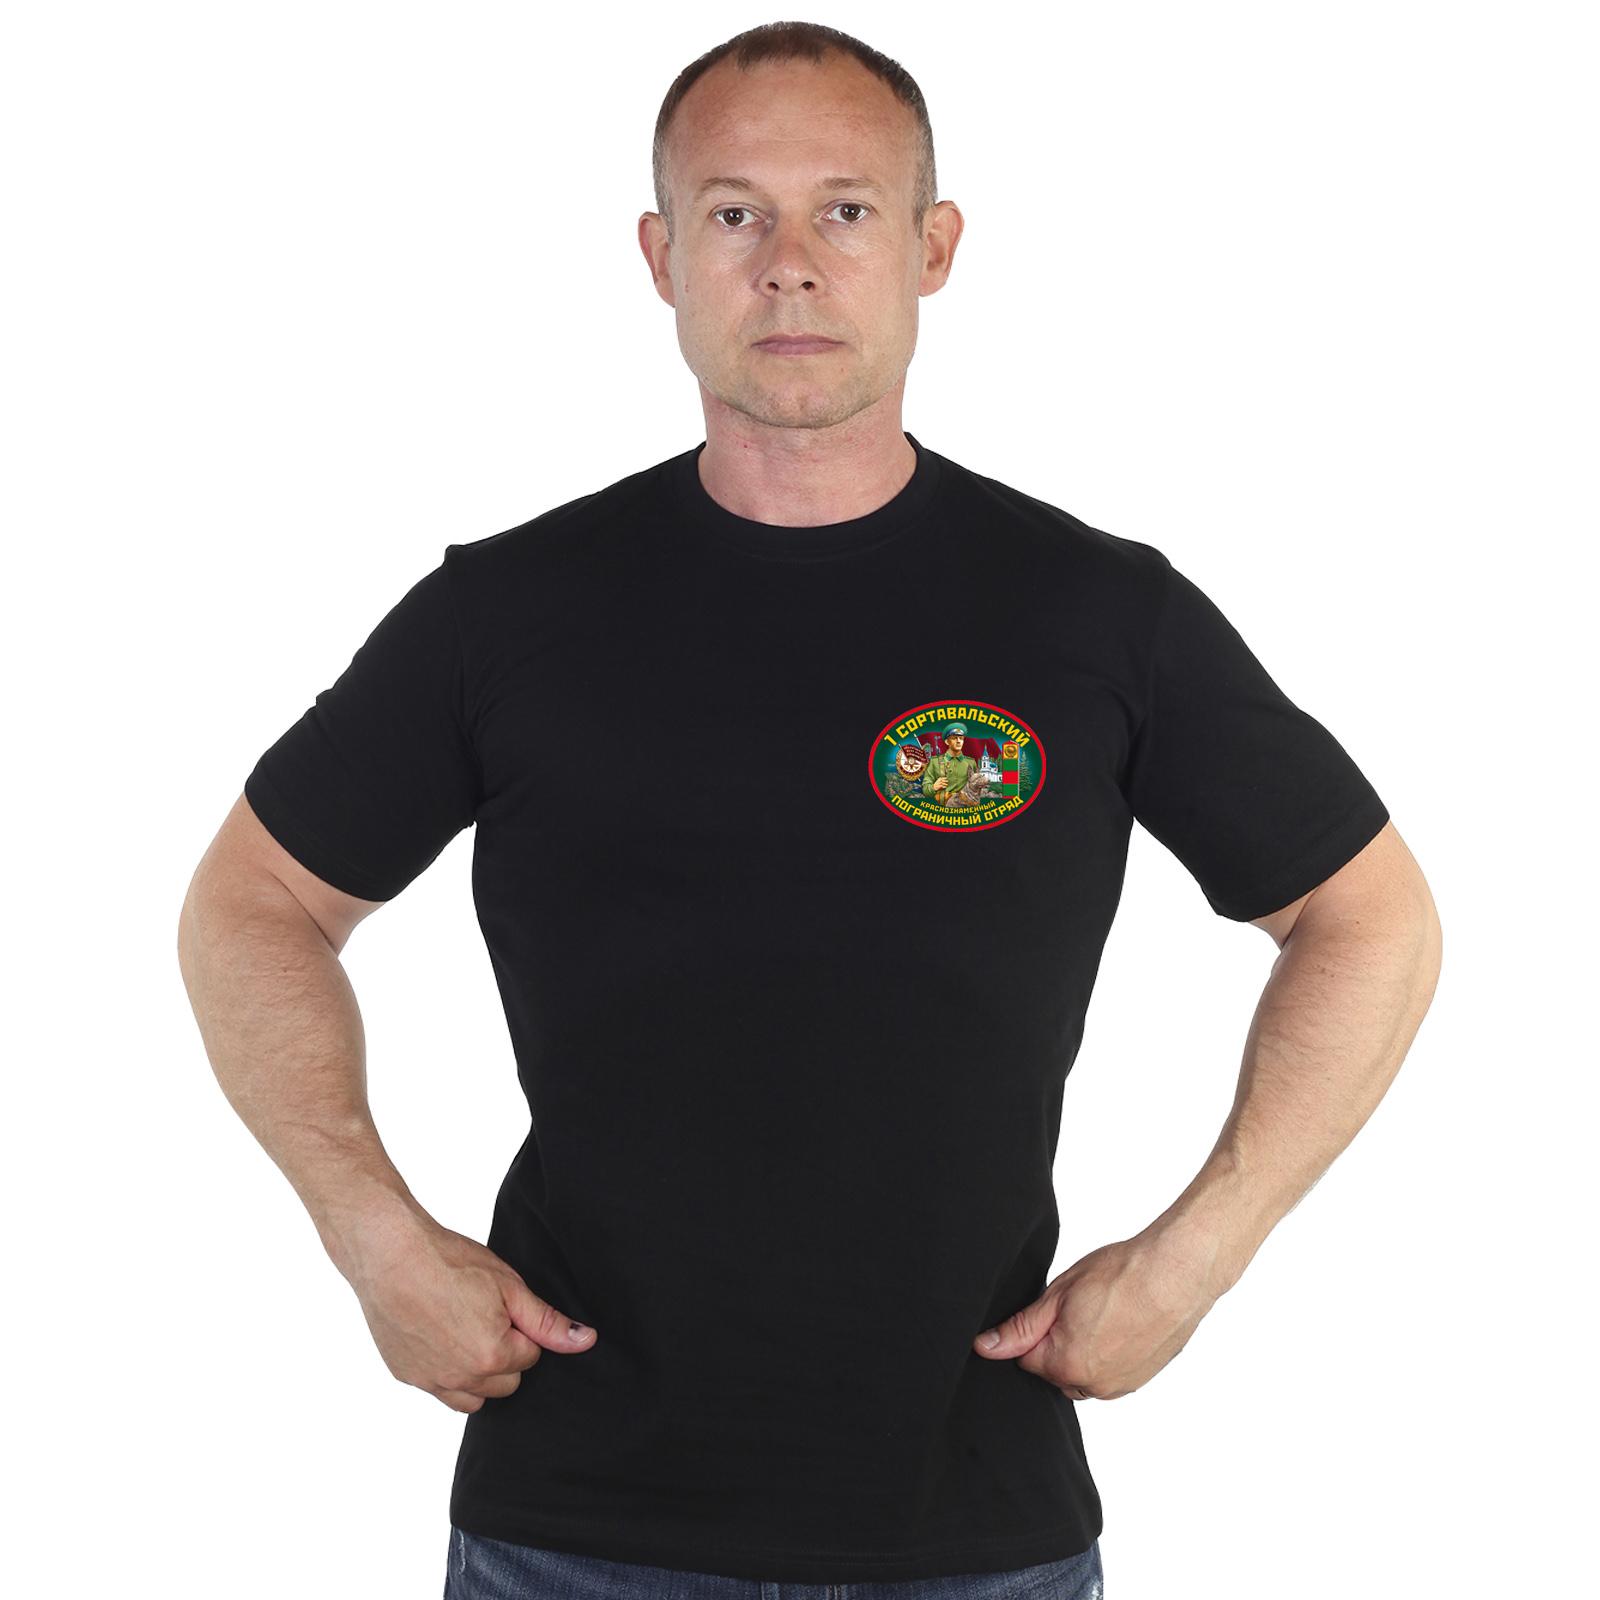 Заказать футболку Сортавальский Погранотряд